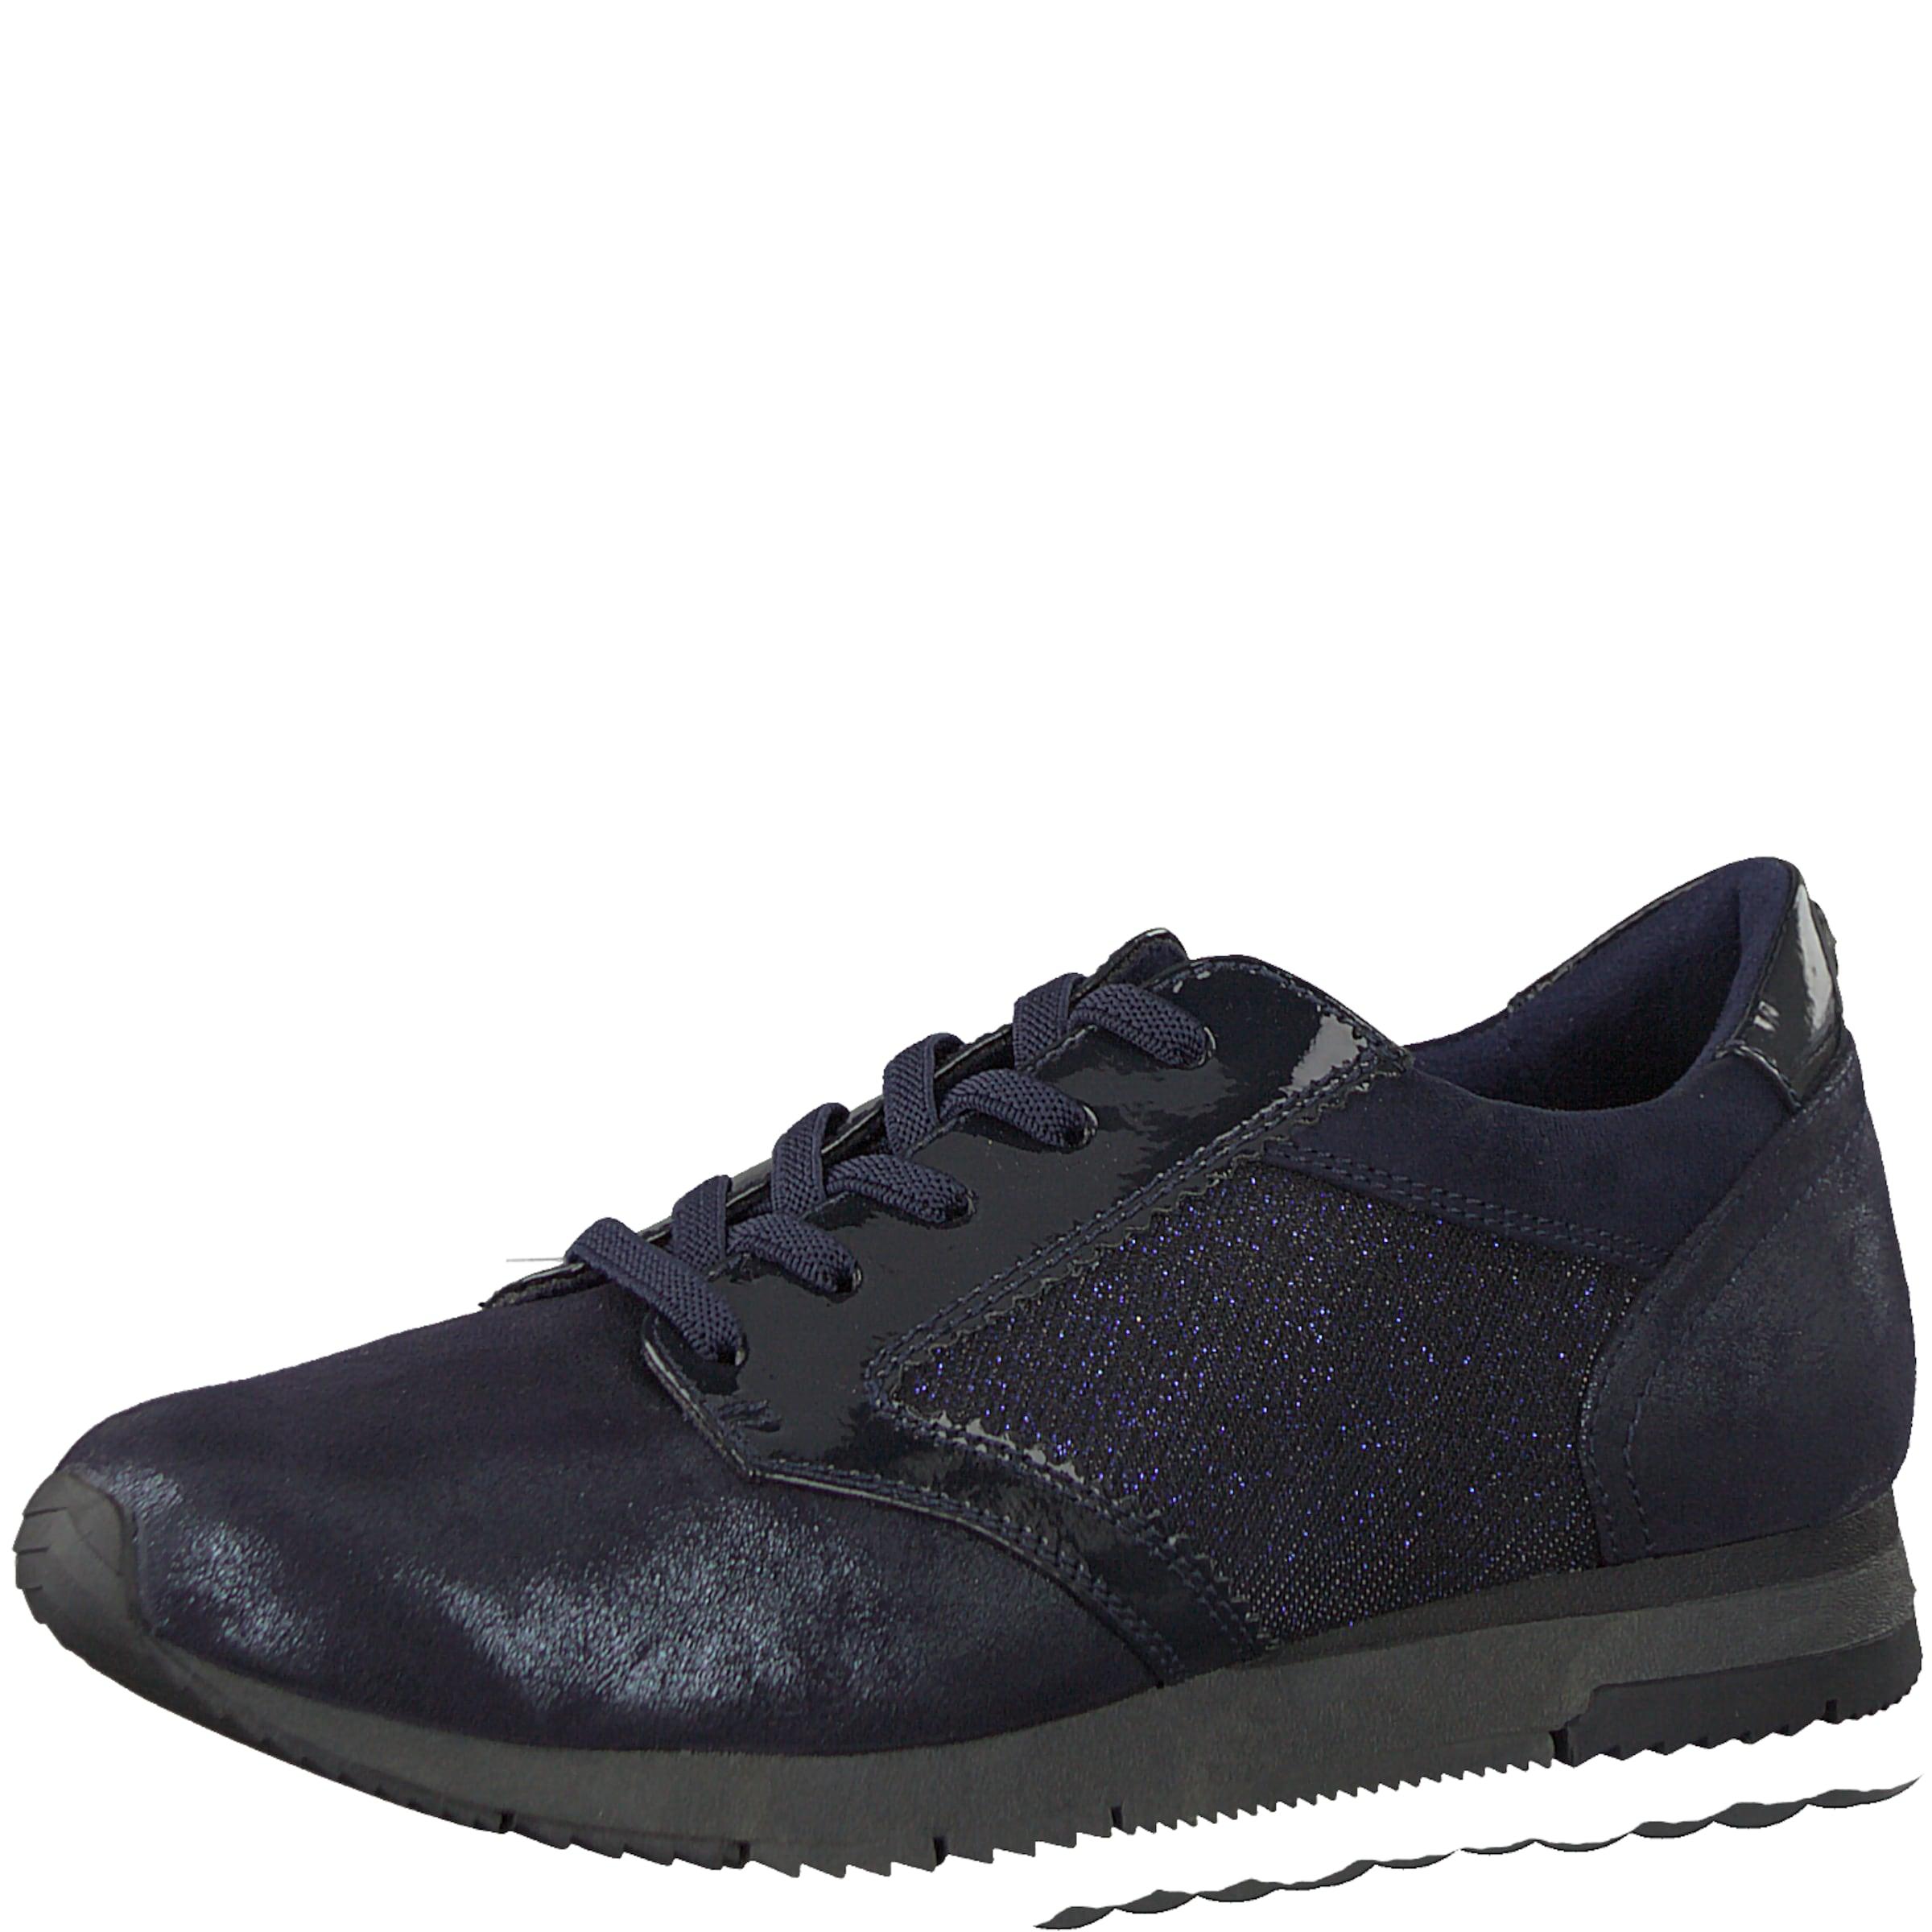 TAMARIS Sneaker Fashletics Verschleißfeste billige Schuhe